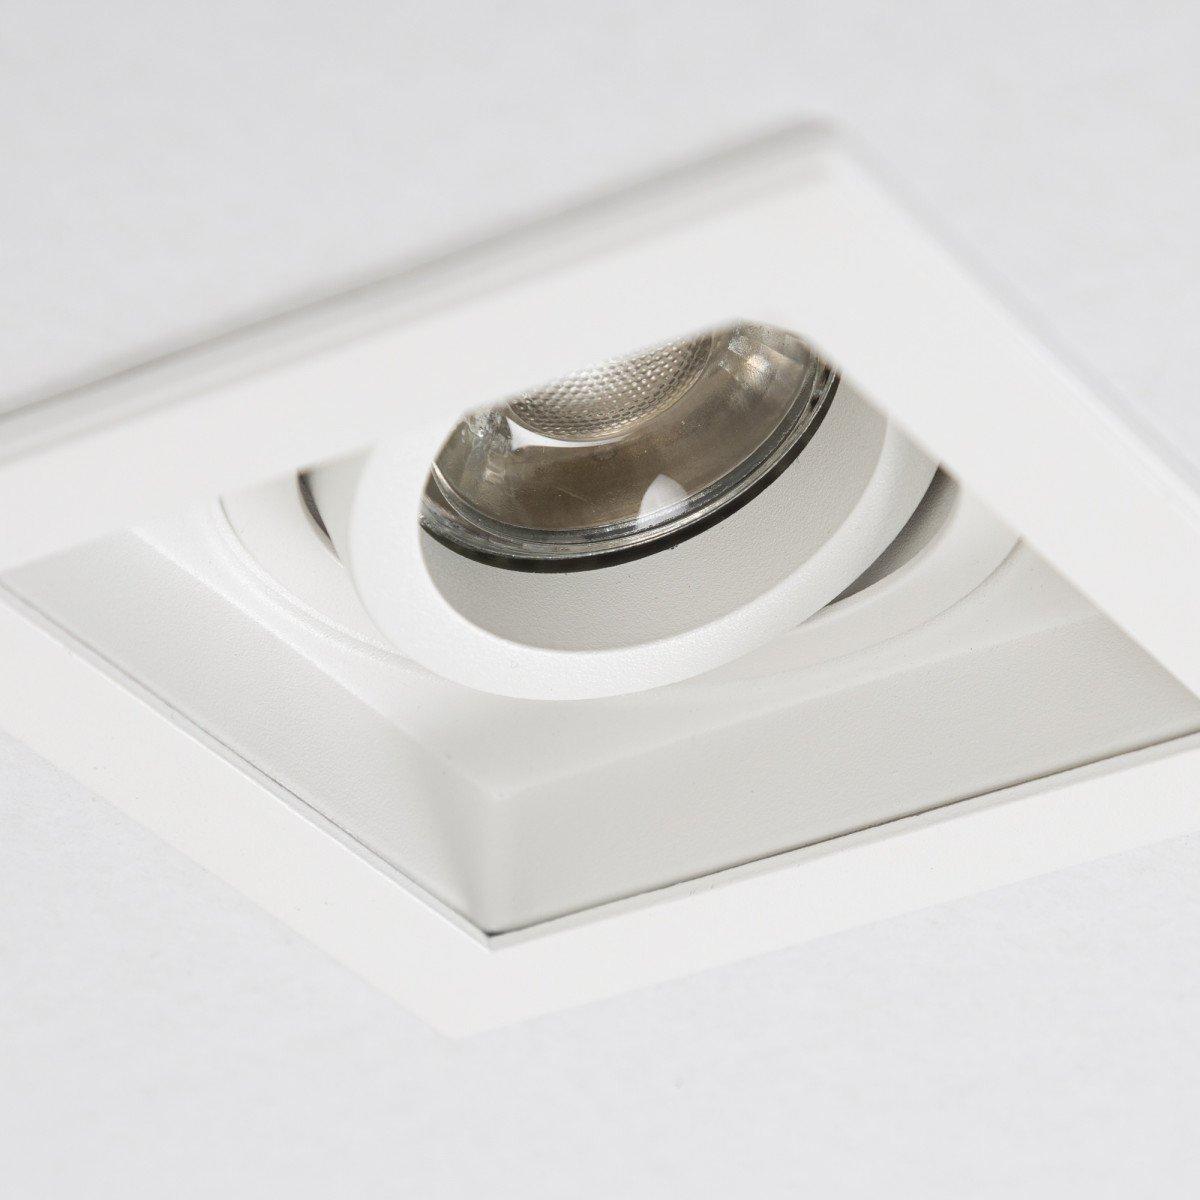 Richtbare inbouwspot Axl Vierkant wit